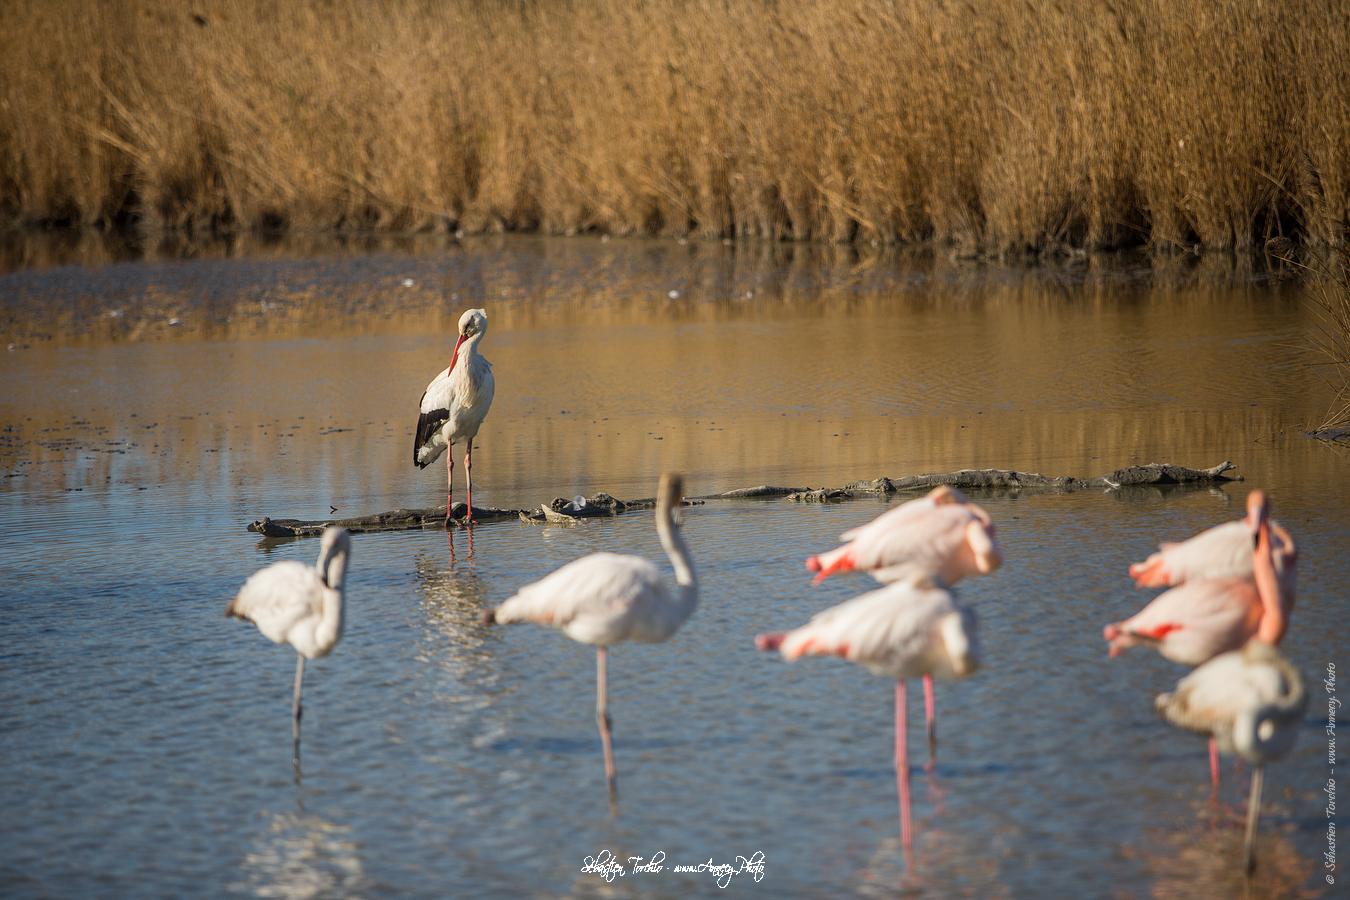 Cigogne Parc Naturel Régional de Camargue - © Sébastien TORCHIO, www.Annecy.Photo